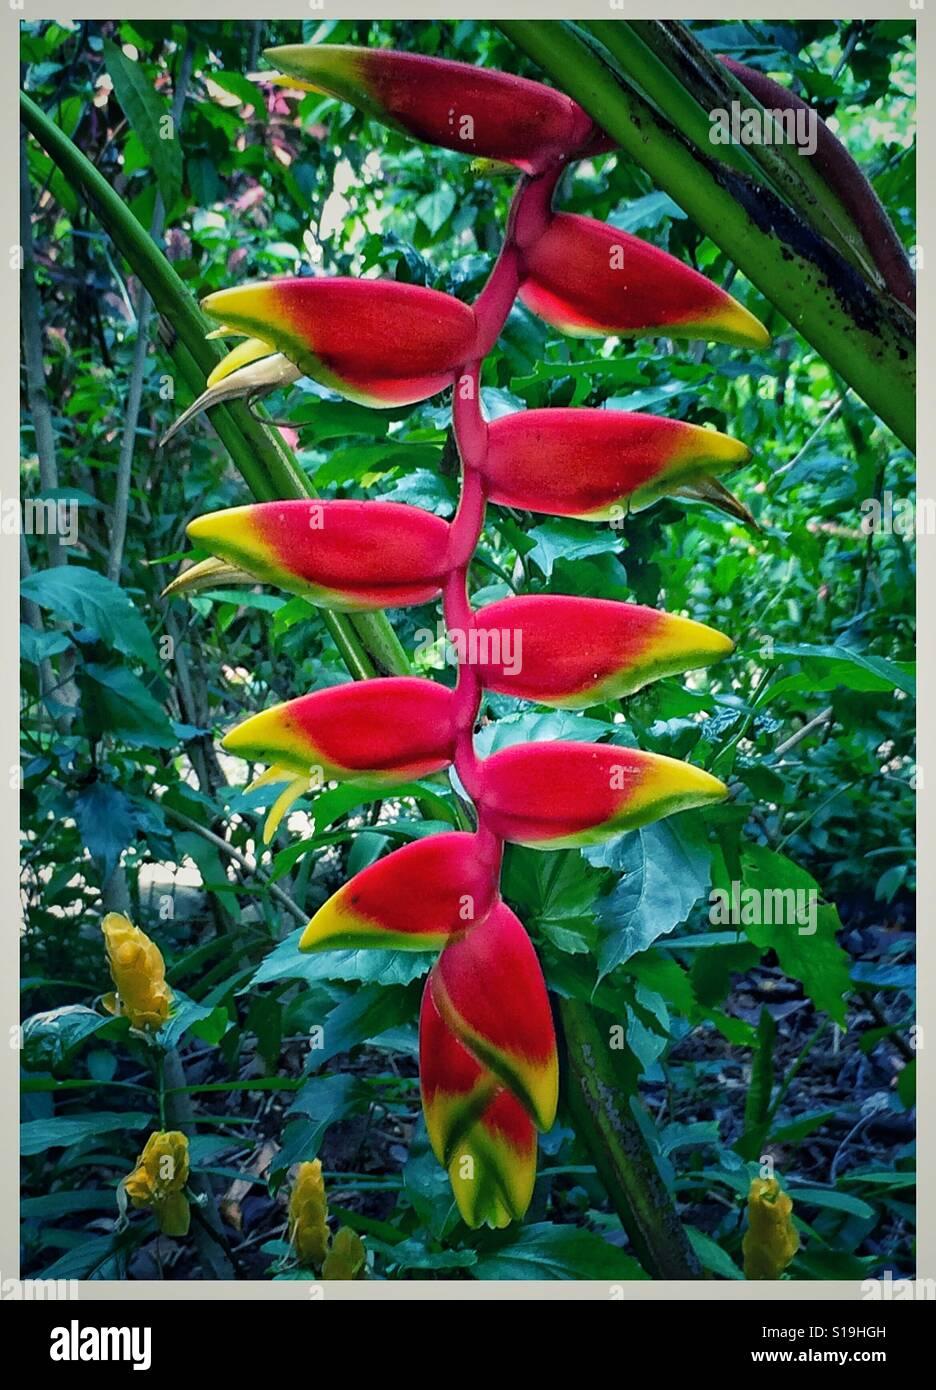 Heliconia Tropical Plante Avec Des Fleurs Jaune Et Rouge Vif A L